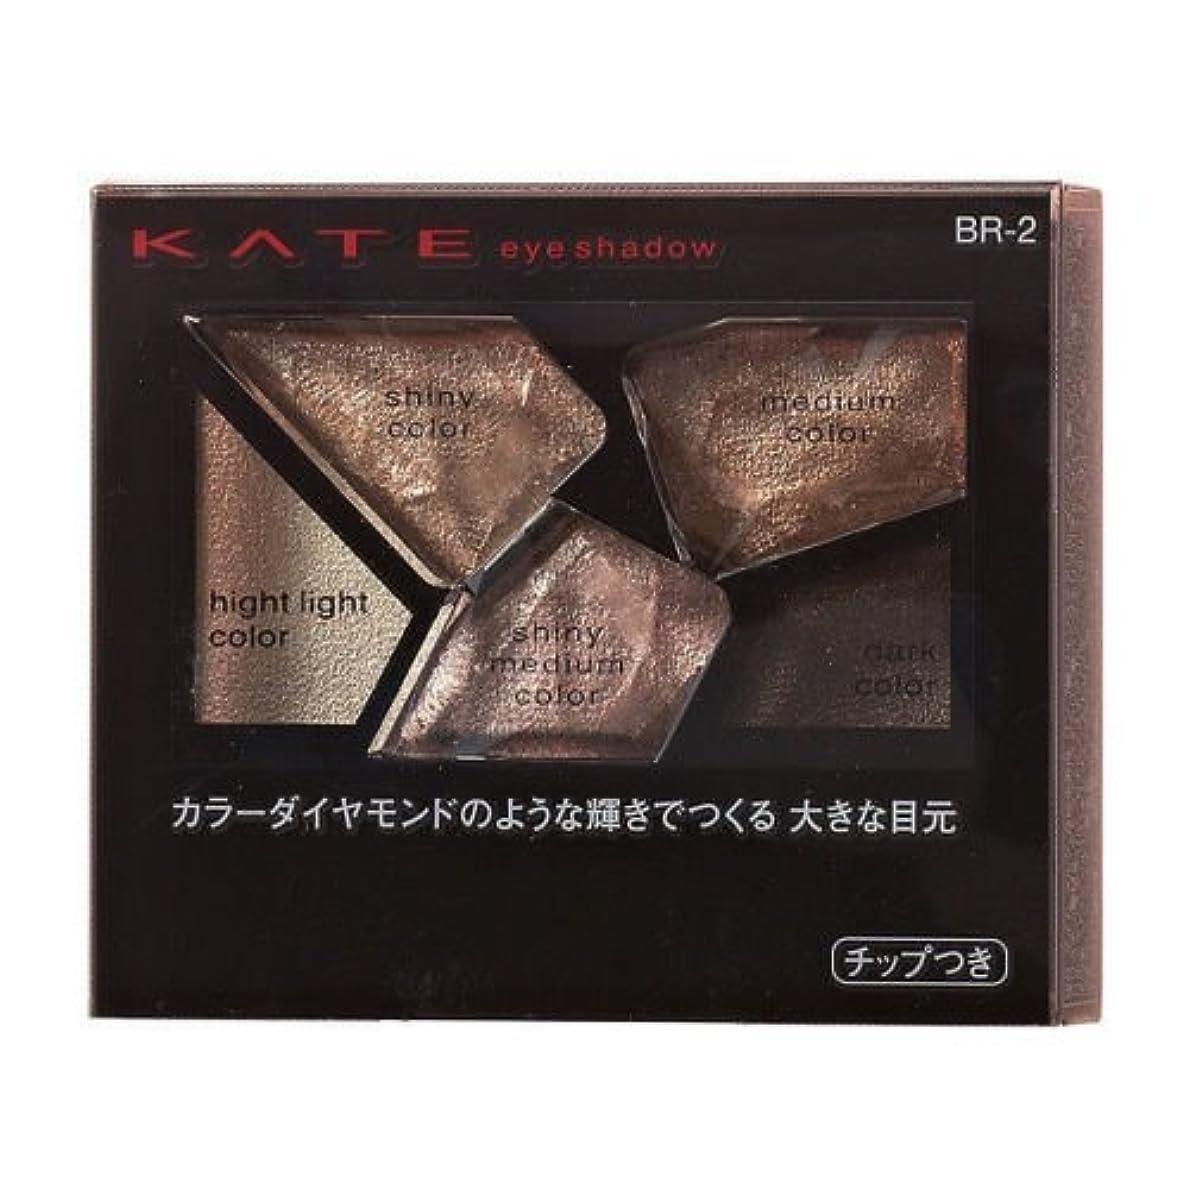 シーボード乗算関係する【カネボウ】ケイト カラーシャスダイヤモンド #BR-2 2.8g